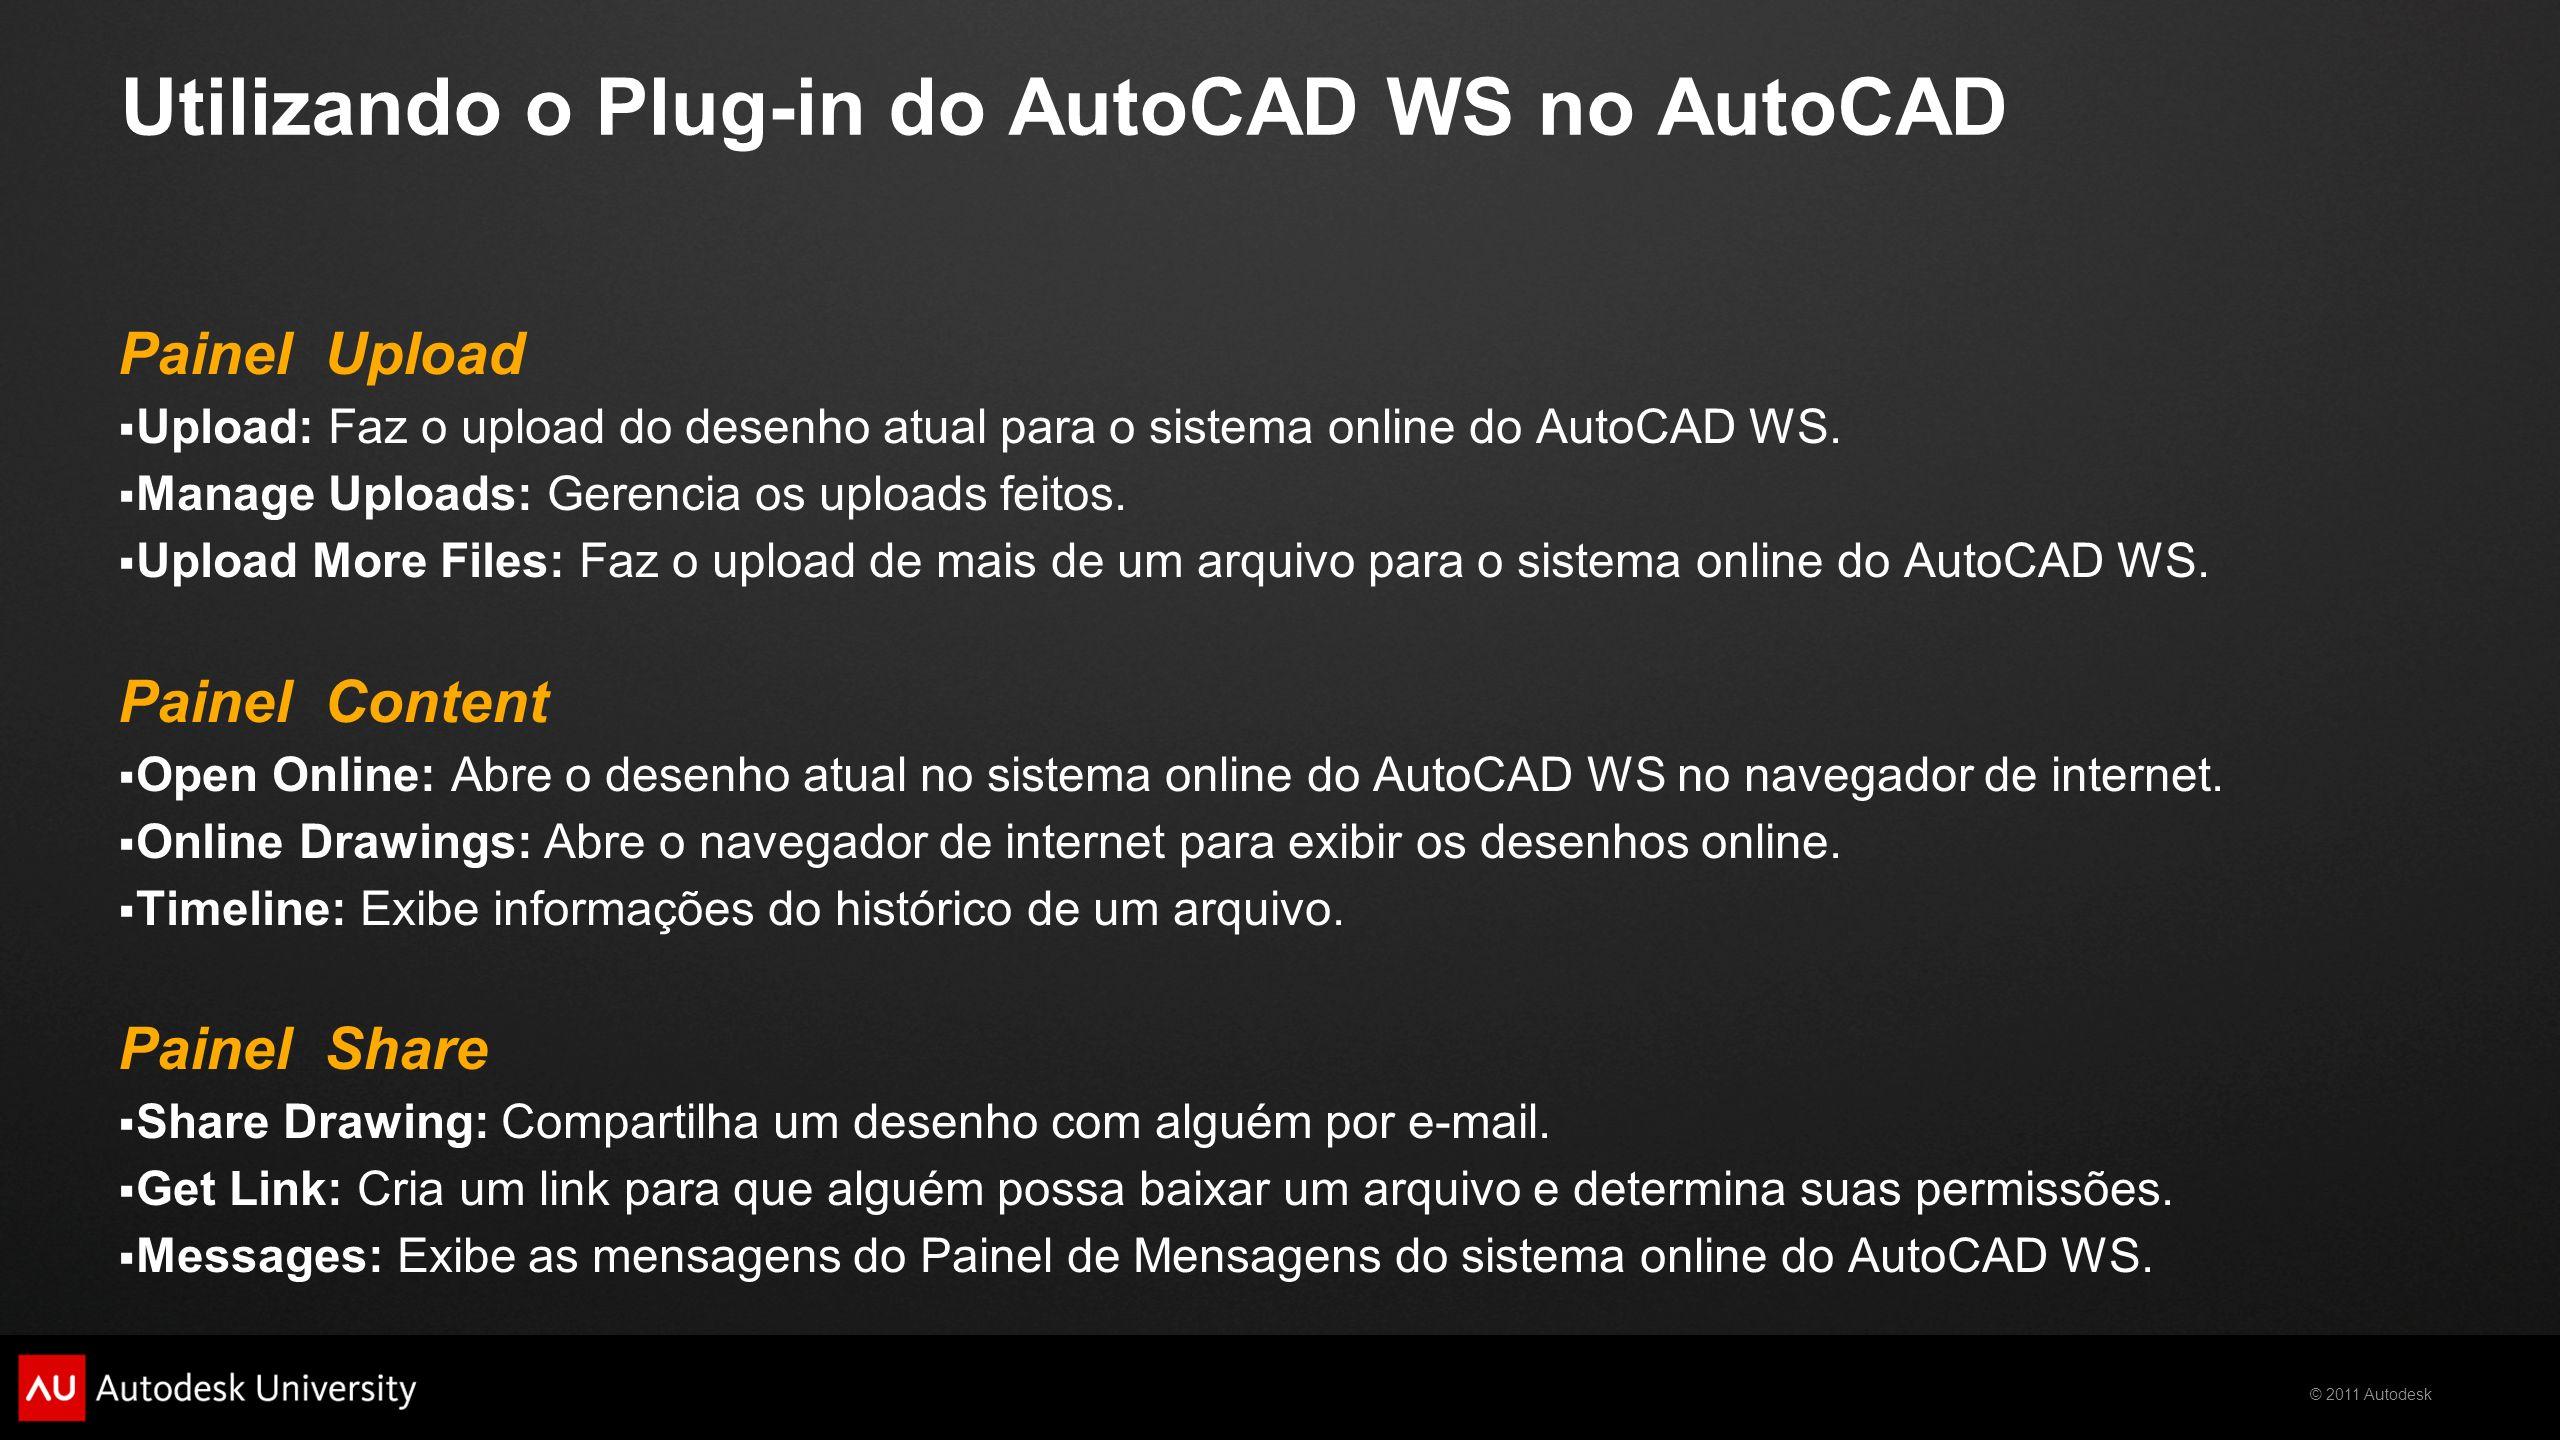 © 2011 Autodesk Utilizando o Plug-in do AutoCAD WS no AutoCAD Painel Upload Upload: Faz o upload do desenho atual para o sistema online do AutoCAD WS.